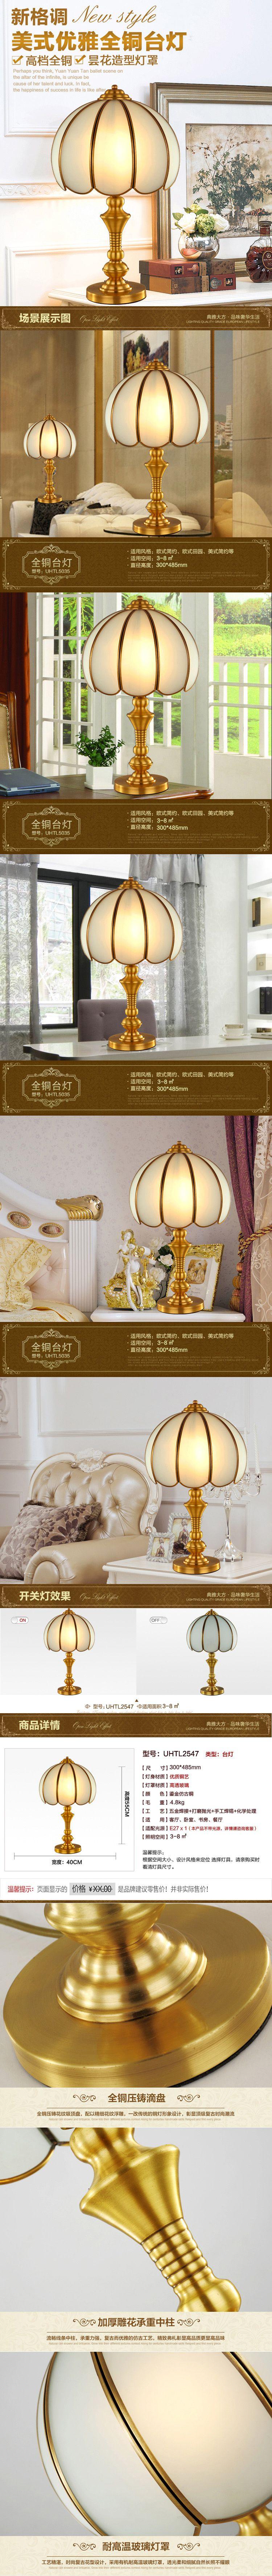 欧式复古全铜床头台灯